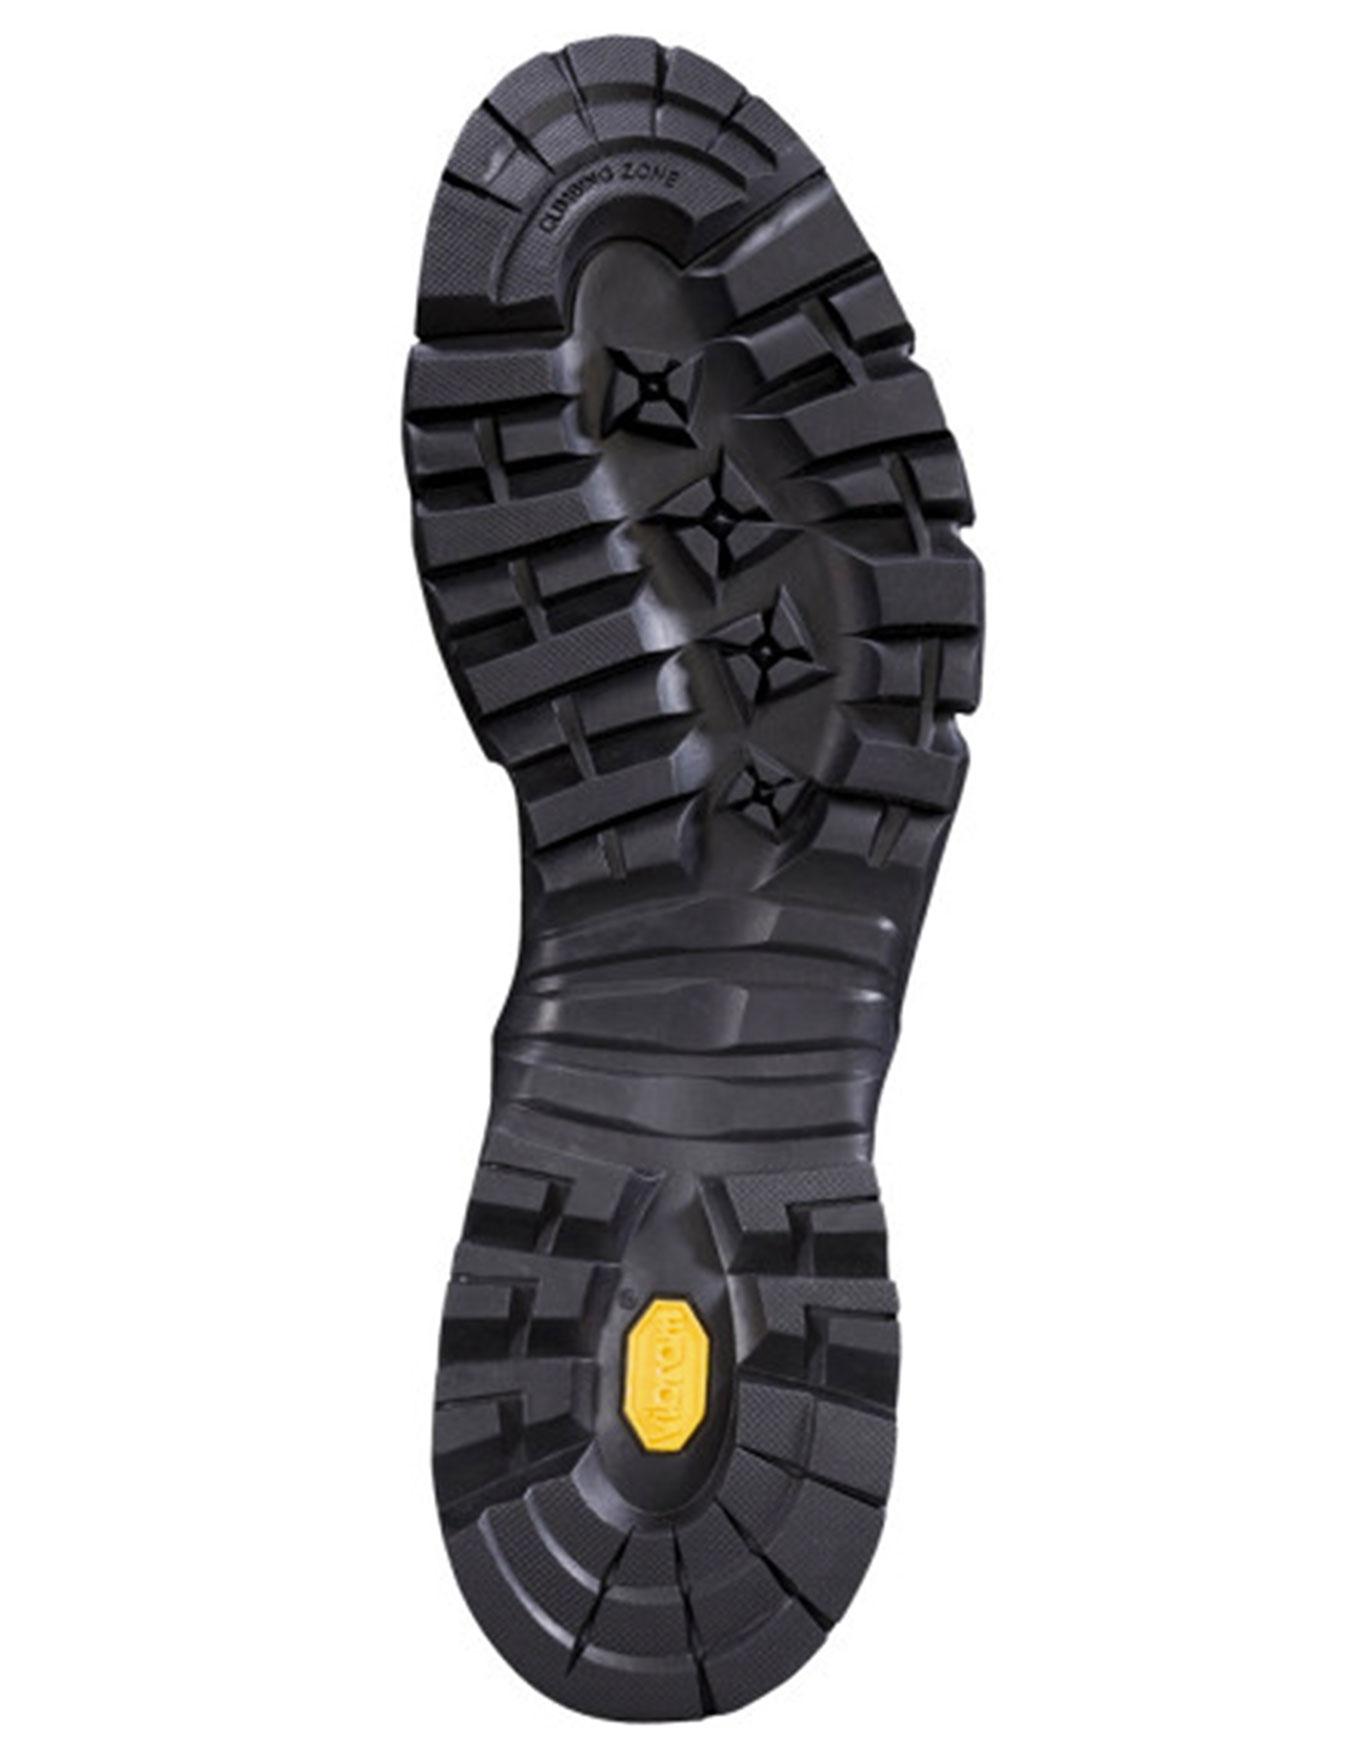 be2946232fdf4 WS Alp Trainer Mid GTX Black Out Agata Salewa   Chaussures randonnée ...